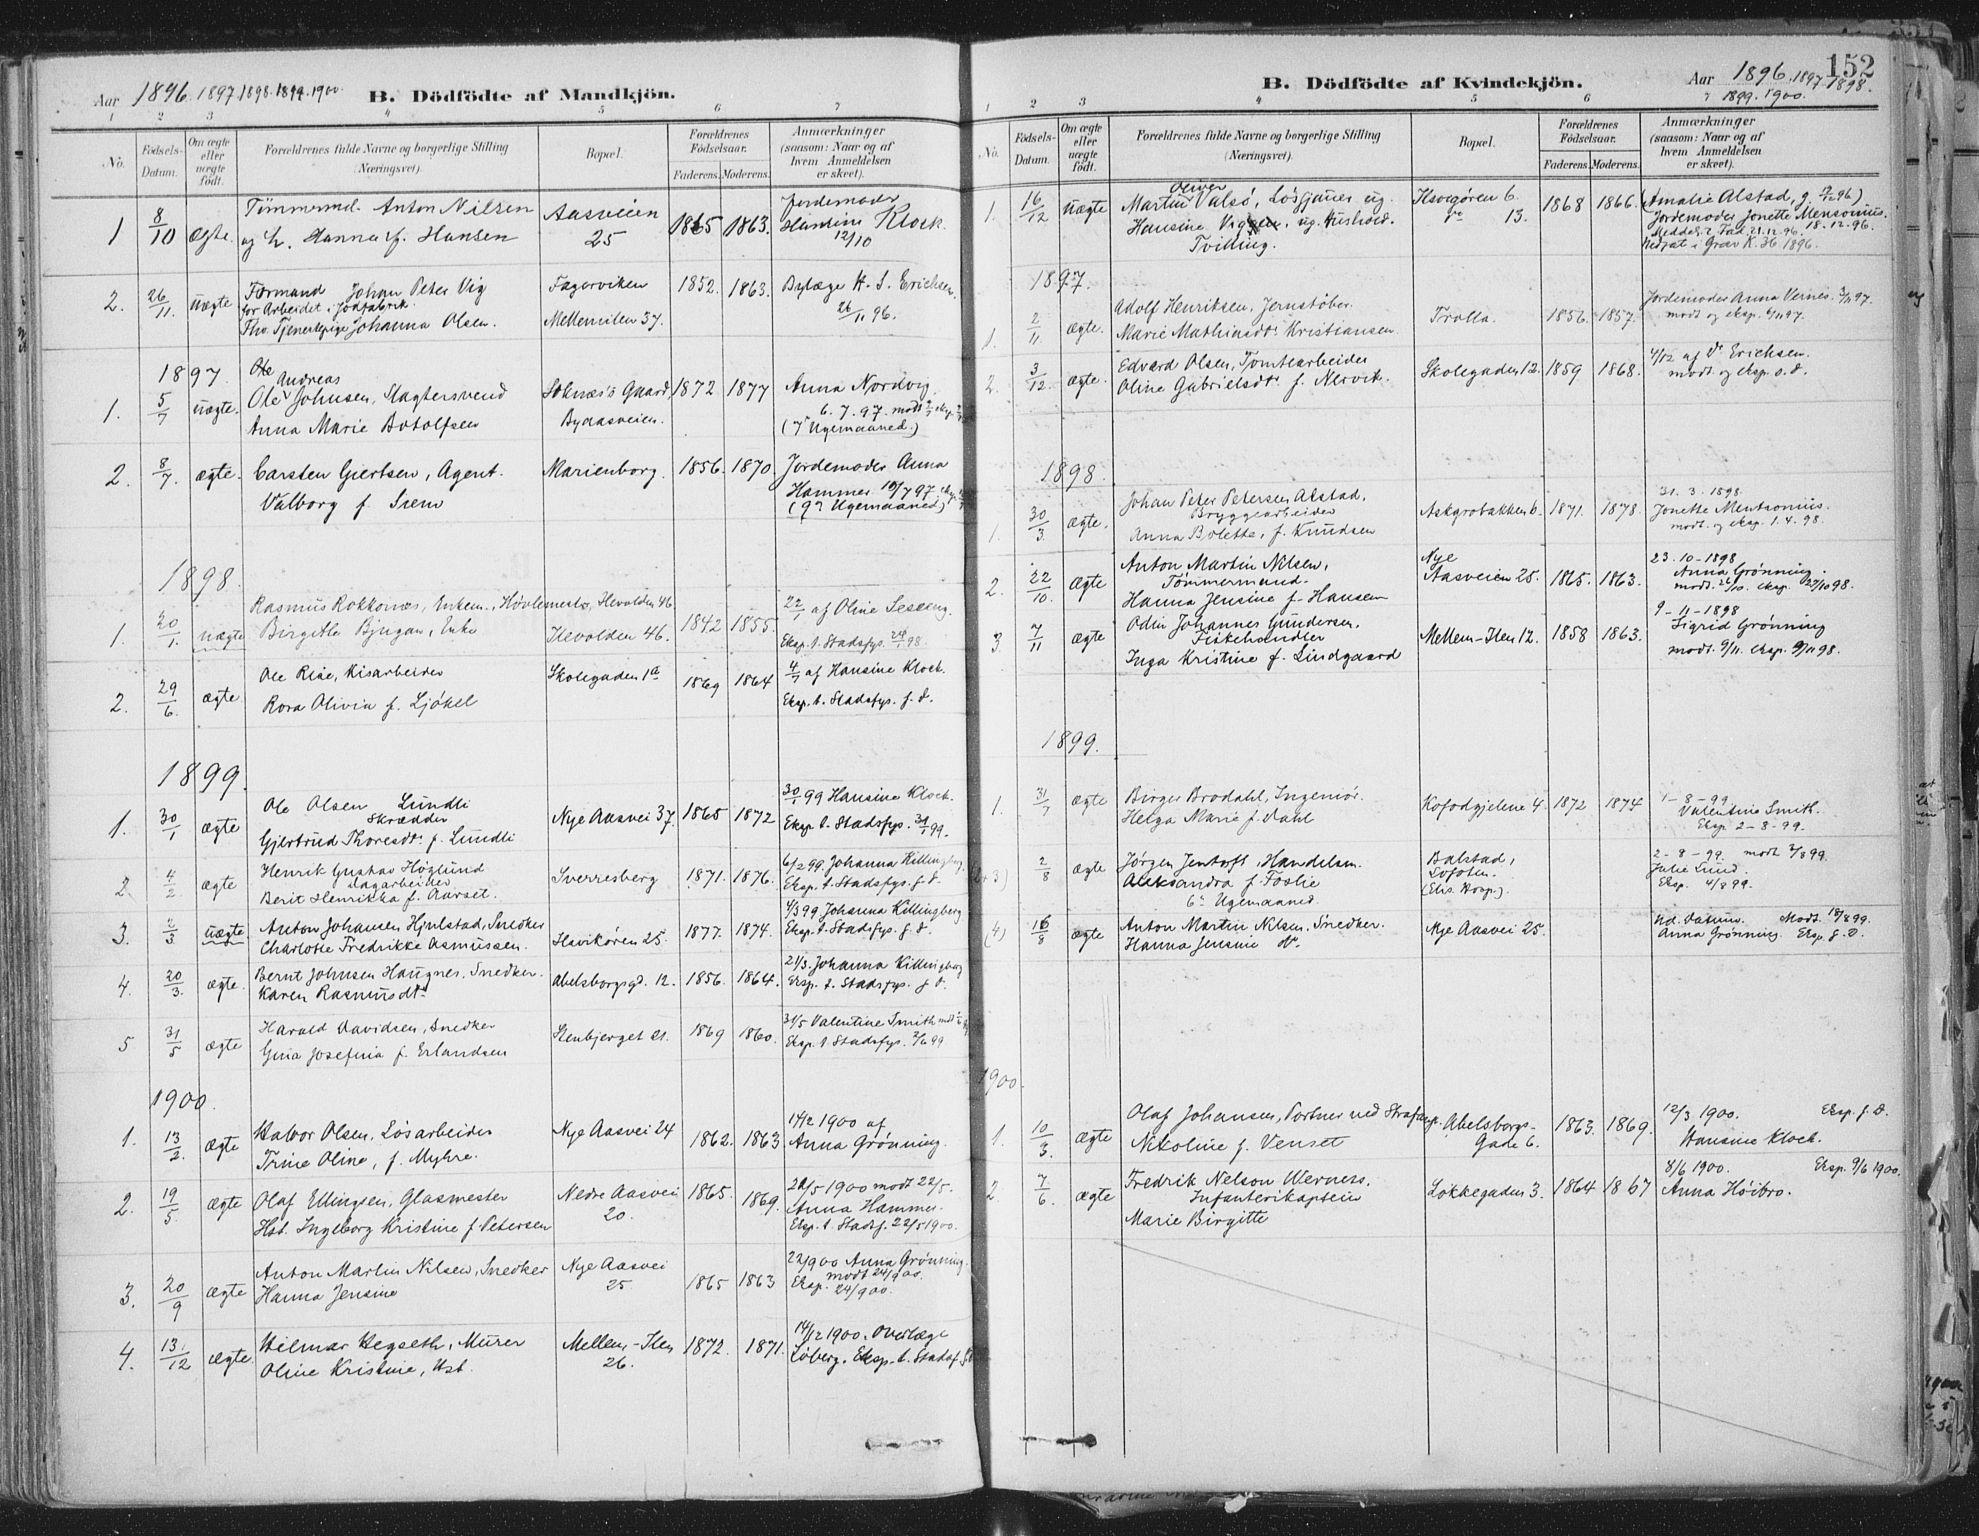 SAT, Ministerialprotokoller, klokkerbøker og fødselsregistre - Sør-Trøndelag, 603/L0167: Ministerialbok nr. 603A06, 1896-1932, s. 152